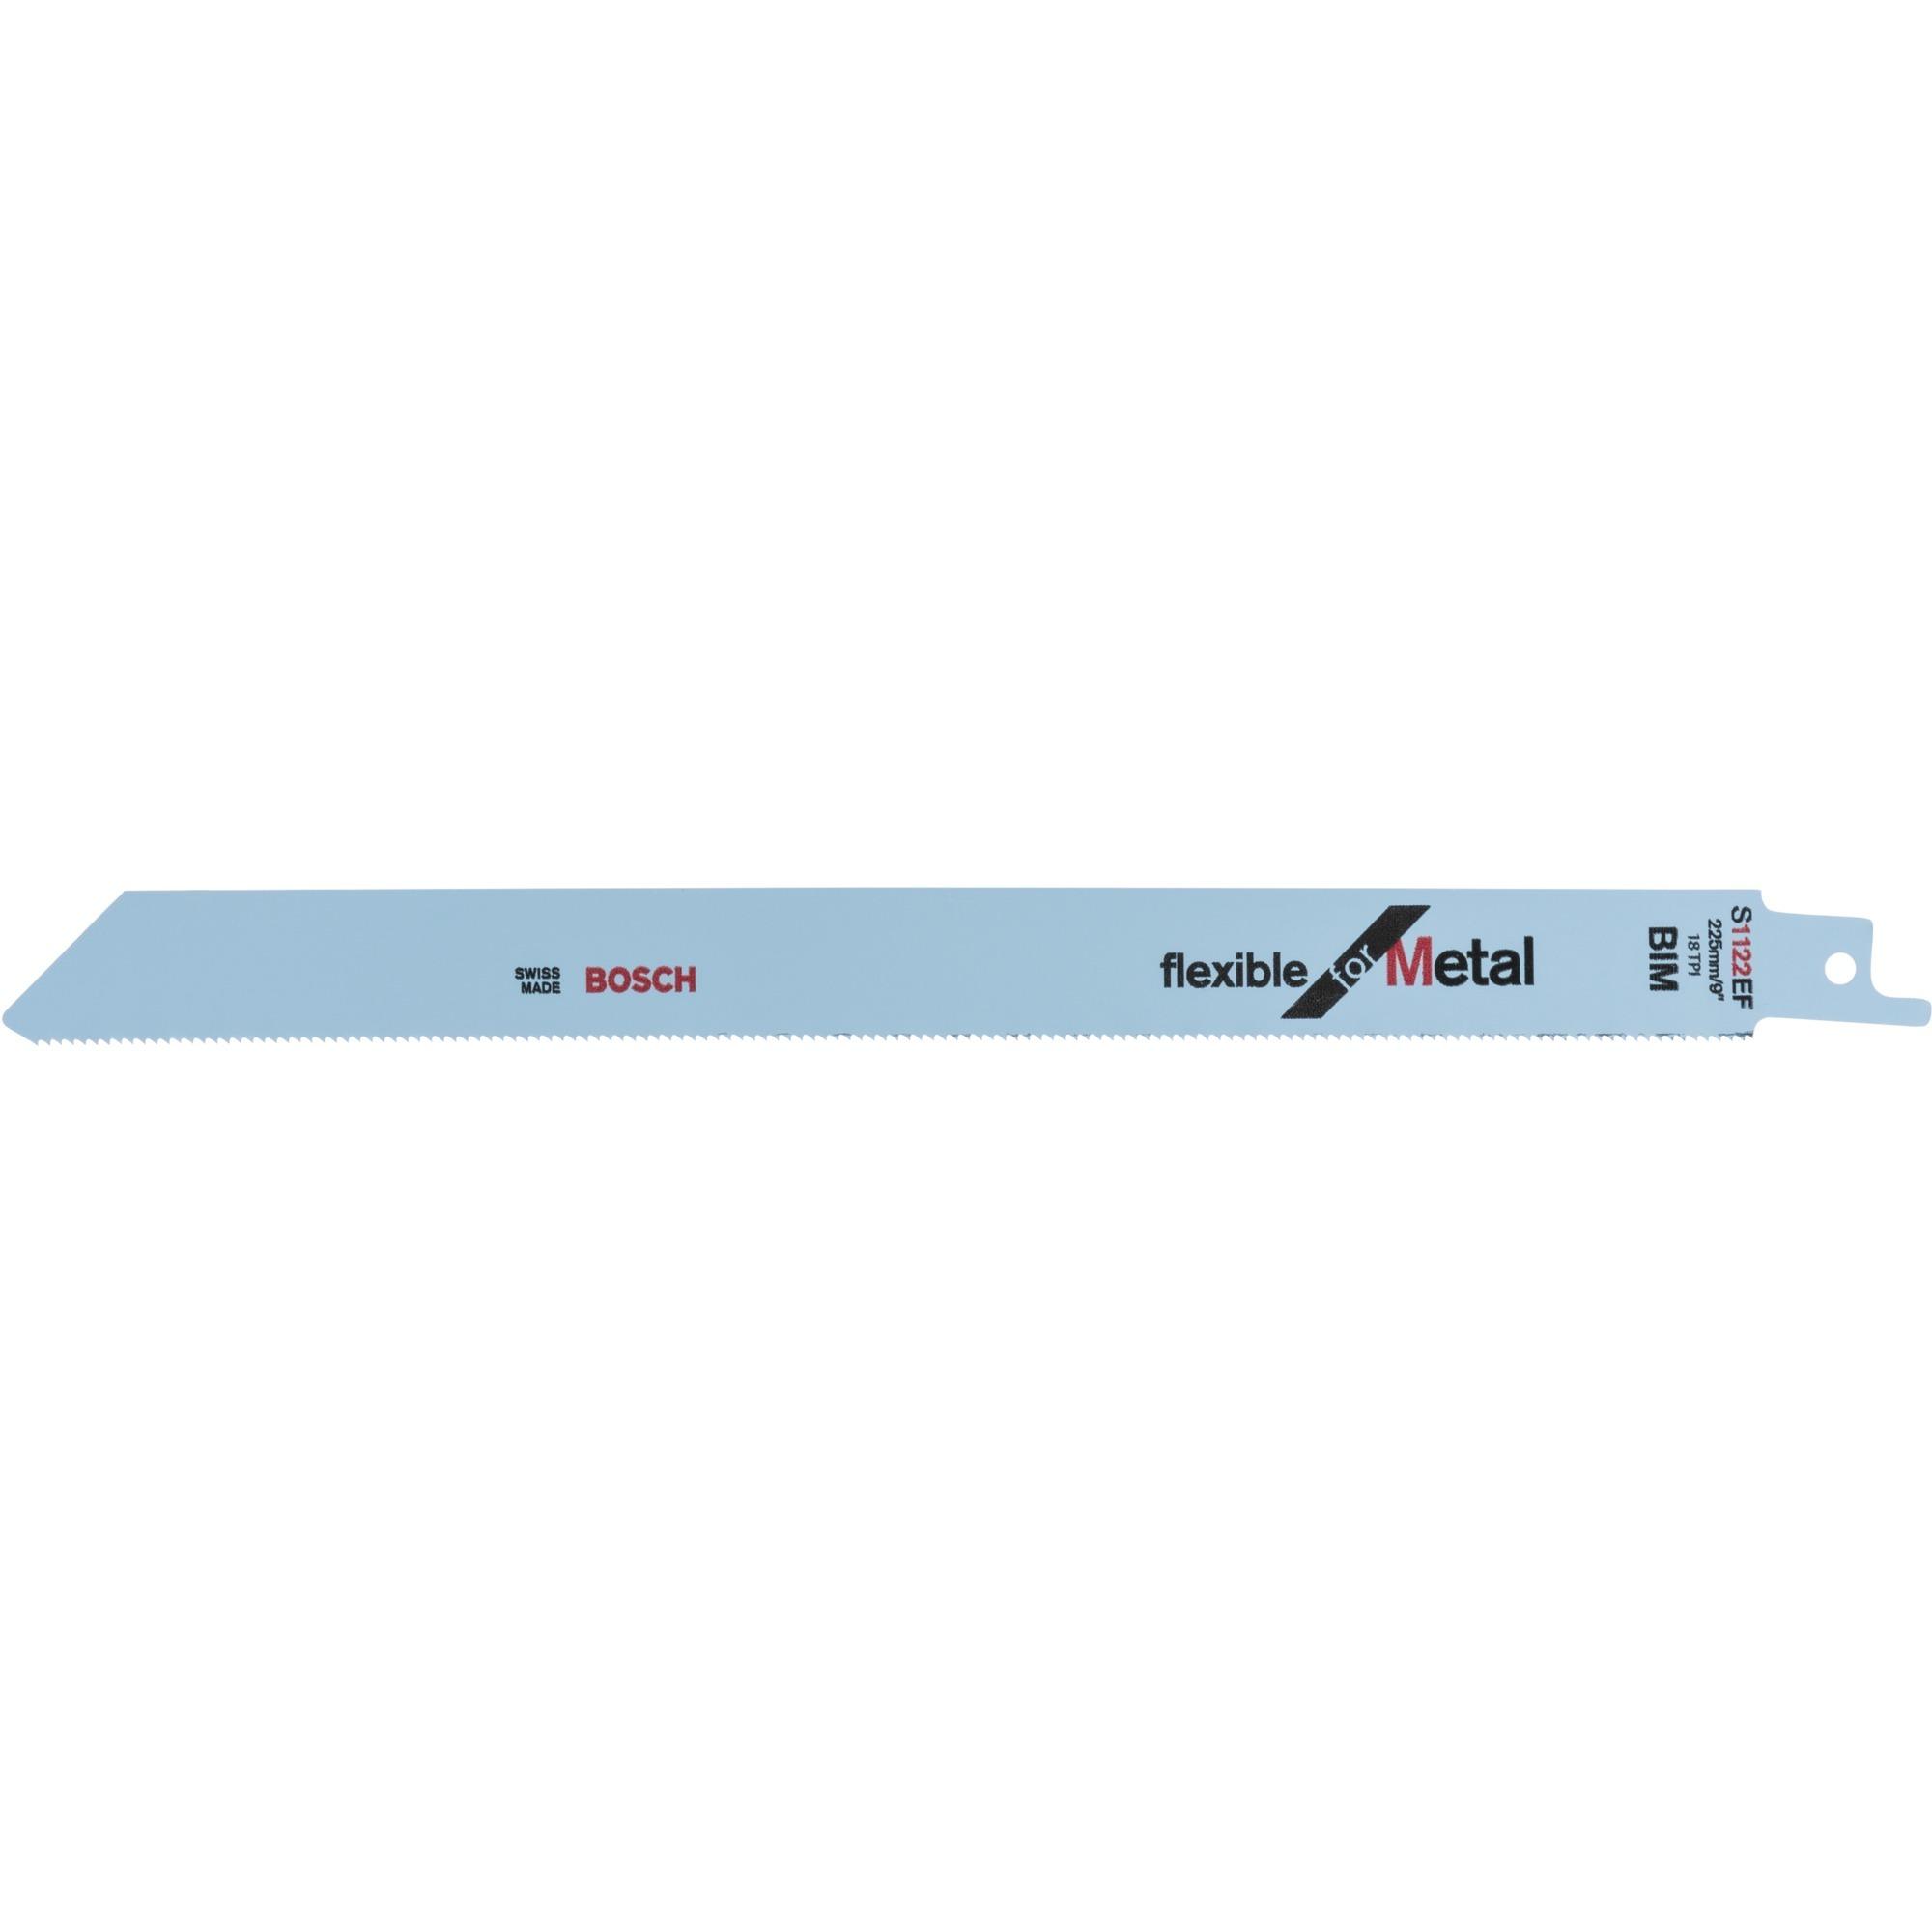 Säbelsägeblatt S 1122 EF Flexible for Metal, 225mm